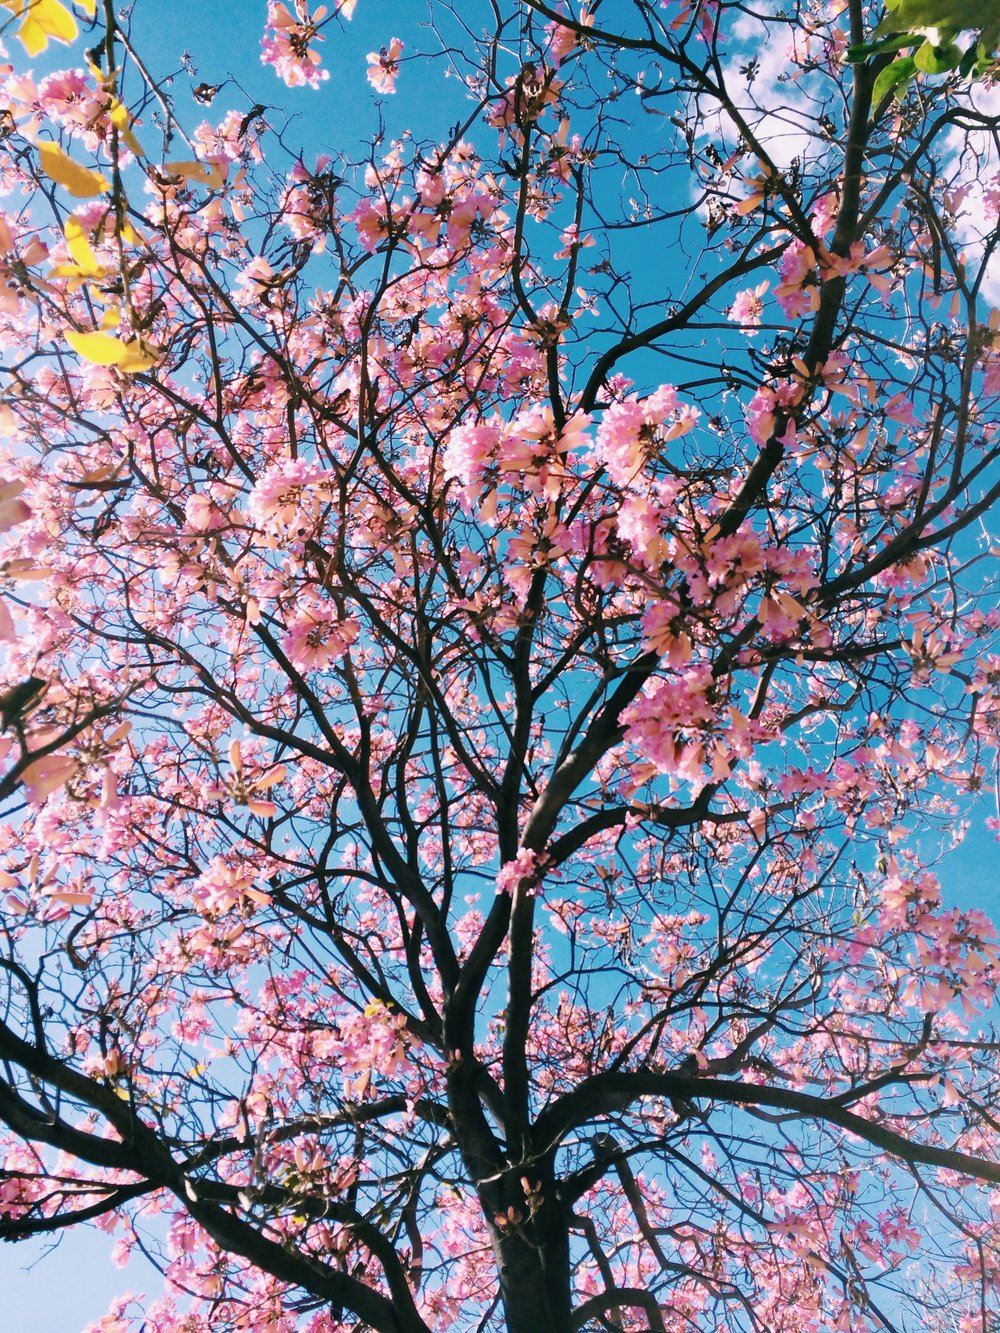 cherryblossom unsplash.jpg